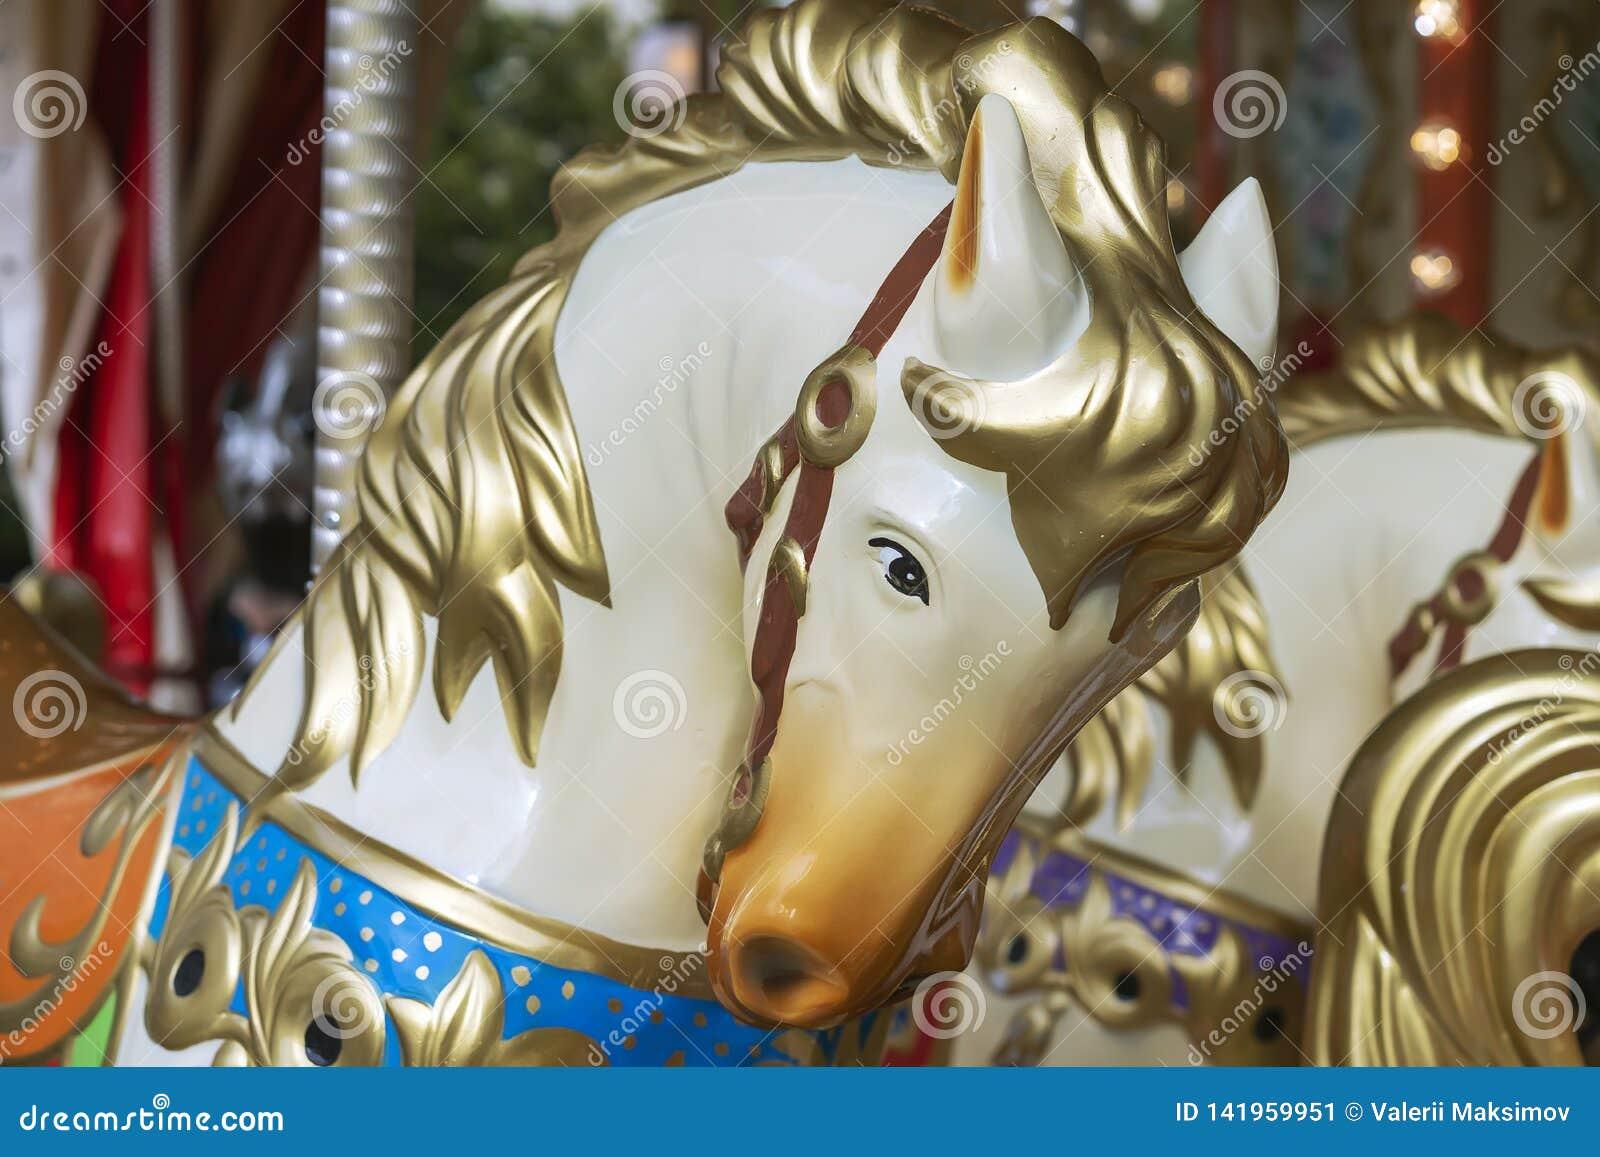 Bunter Pferdekopf auf einem Weinlesekreiskarussell